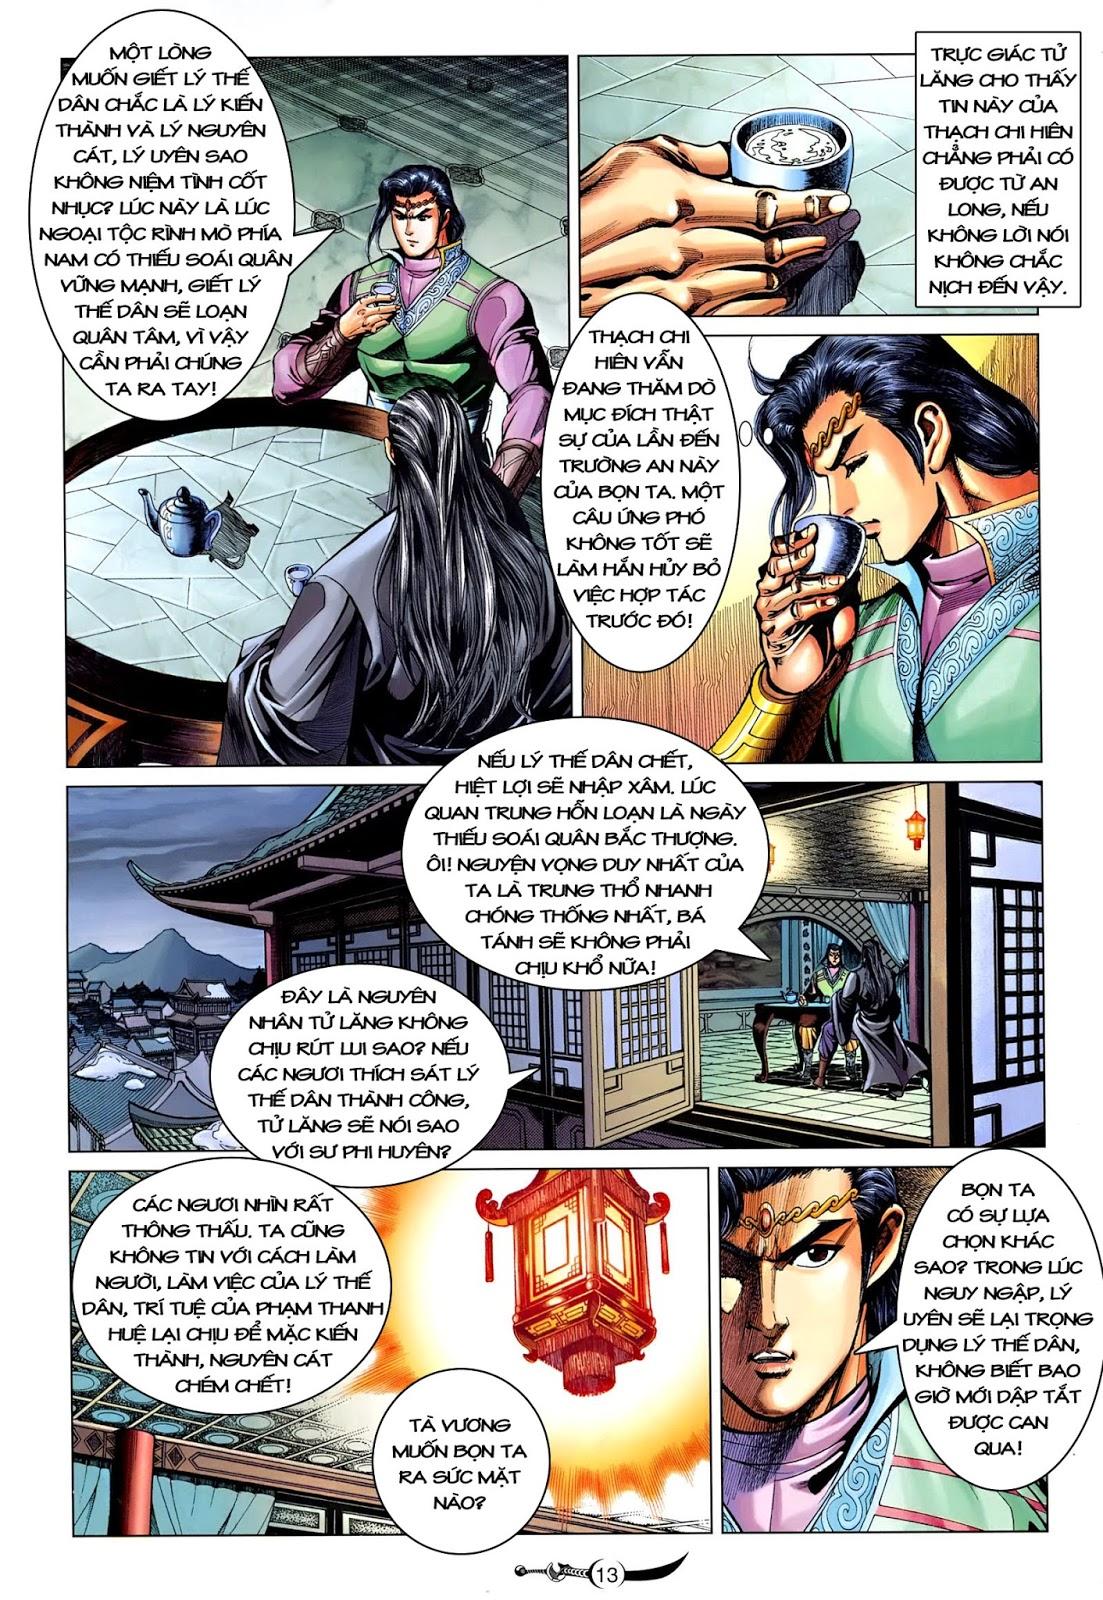 Đại Đường Song Long Truyện chap 216 - Trang 15